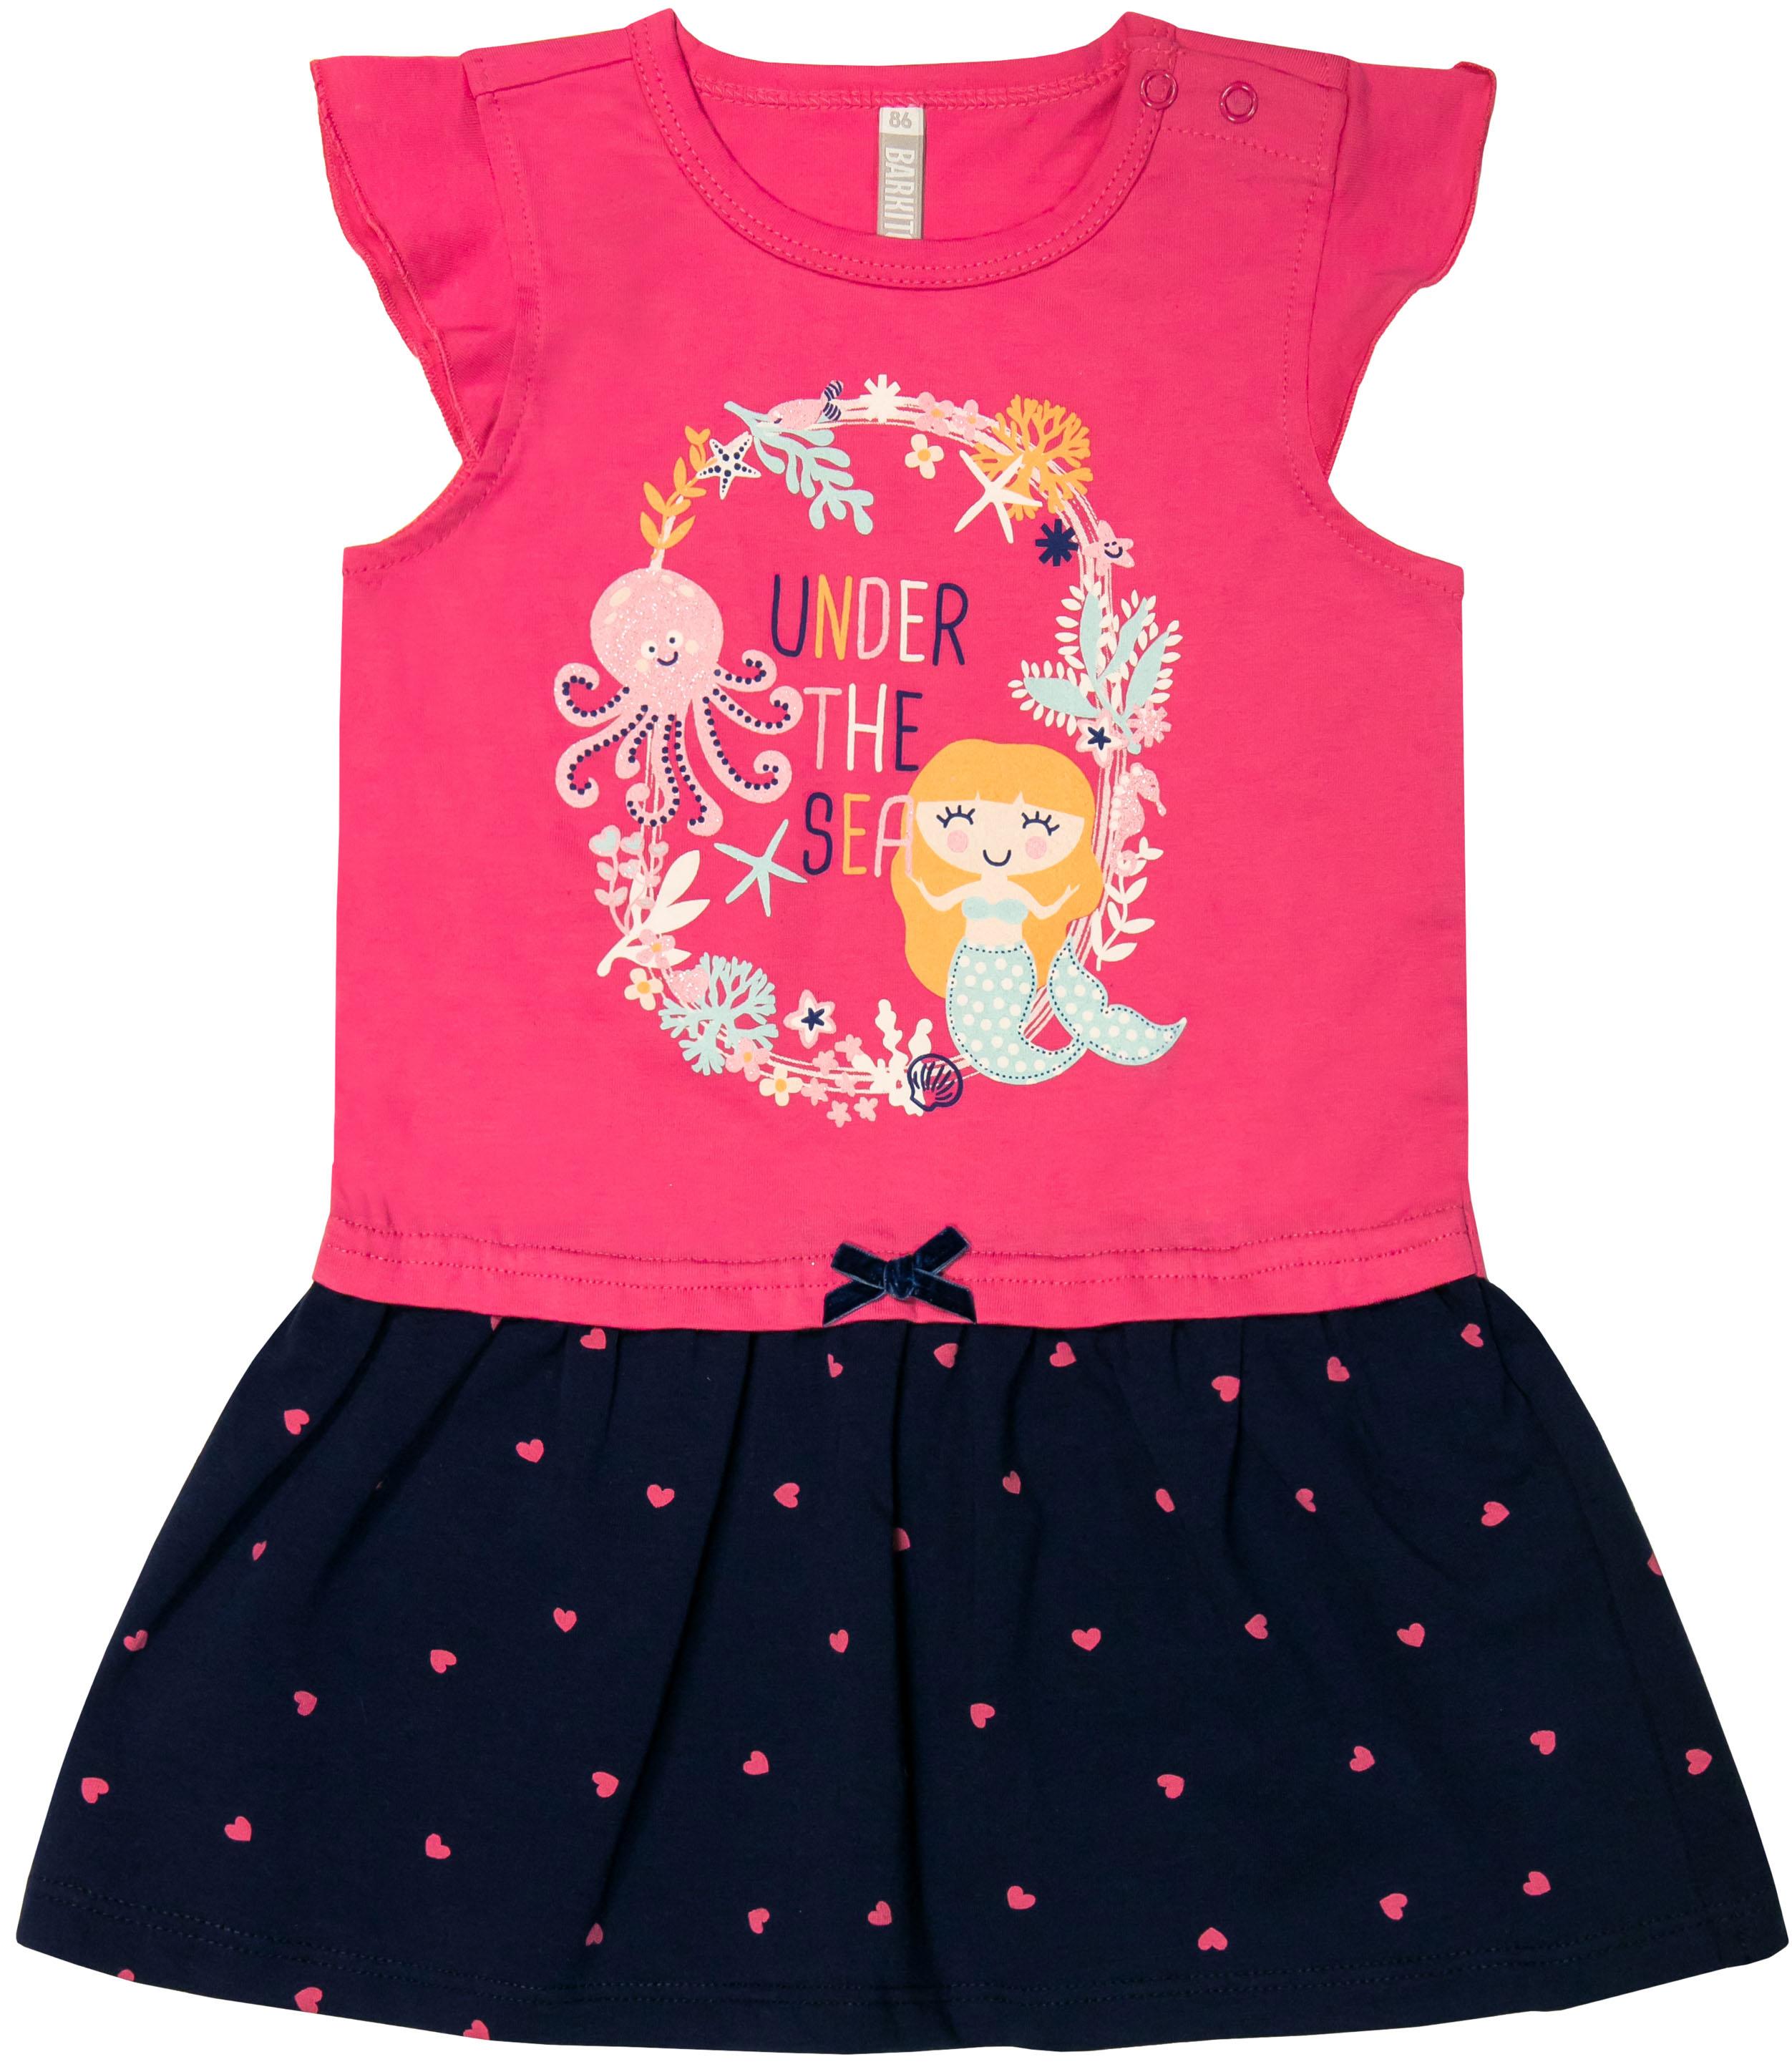 Платье детское Barkito Морская принцесса S18G1022J блузка детская barkito морская принцесса голубая